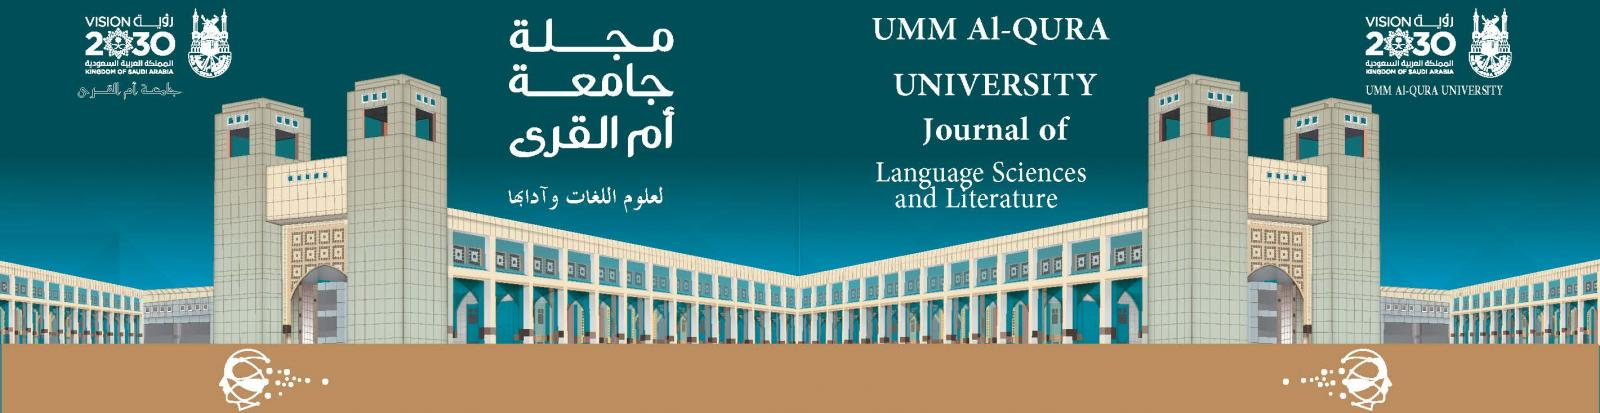 مجلة علوم اللغات وآدابها